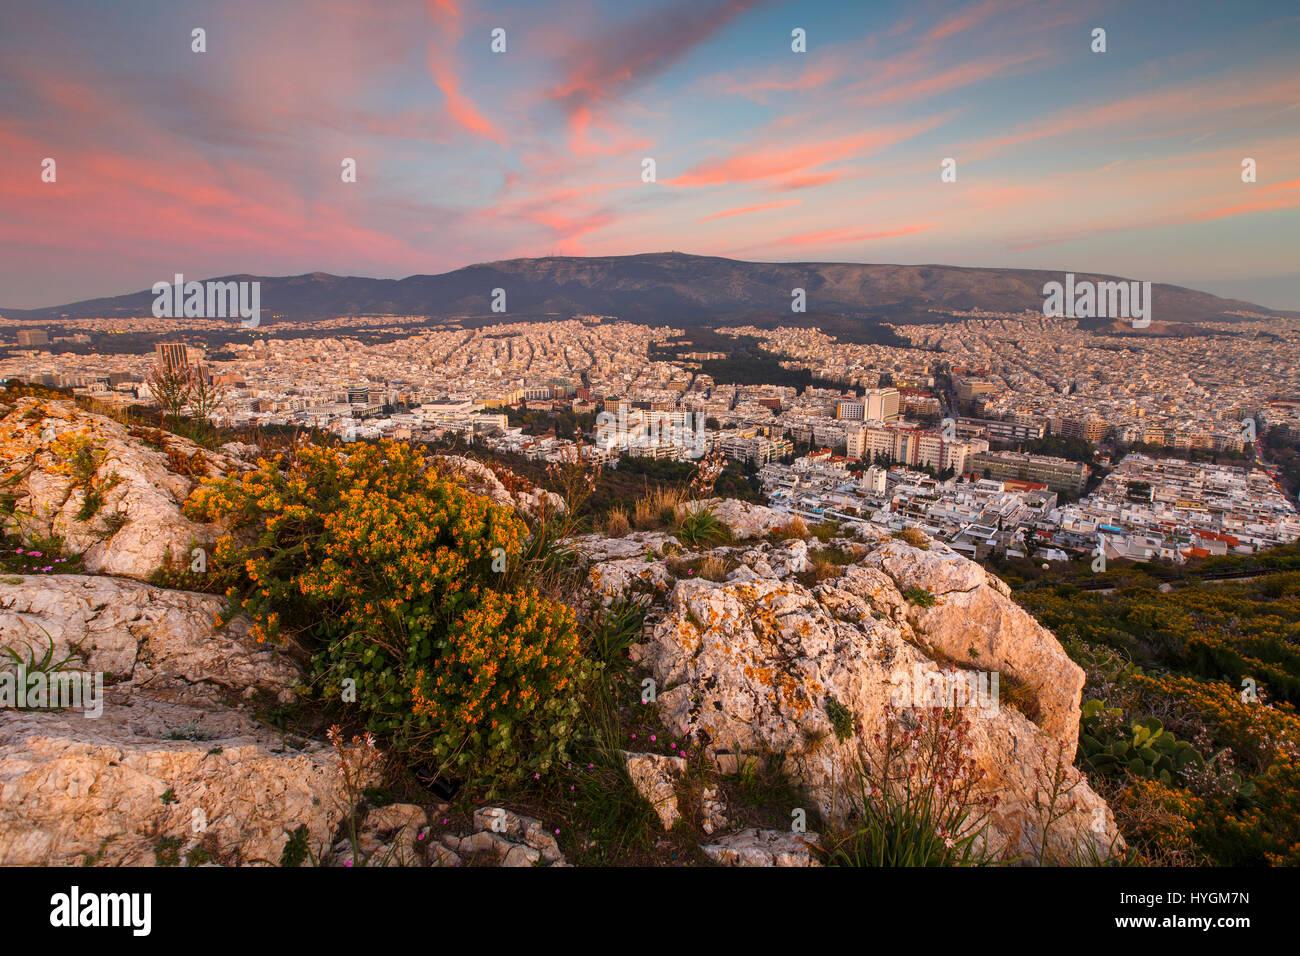 Vue d'Athènes depuis la colline du Lycabette au coucher du soleil, la Grèce. Photo Stock